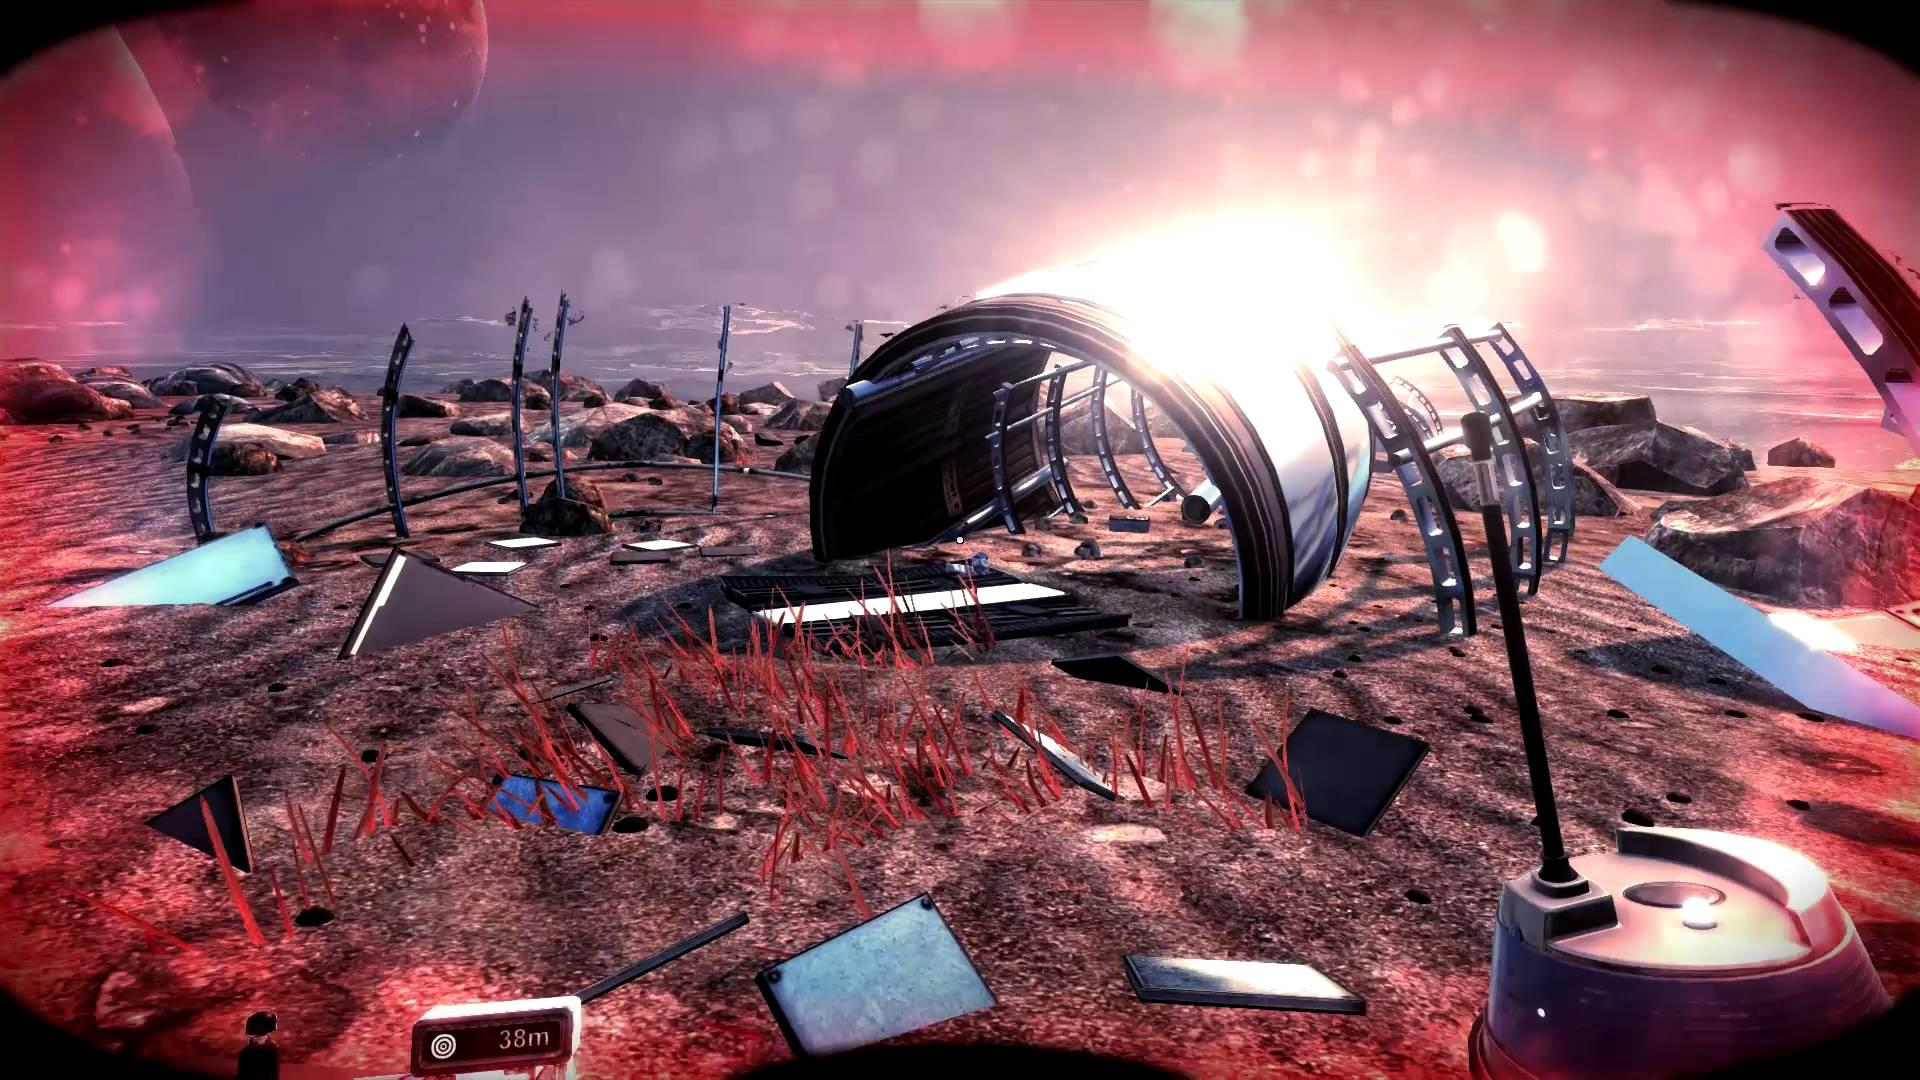 Dezvoltatorii The Solus Project prezintă jocul gamerilor